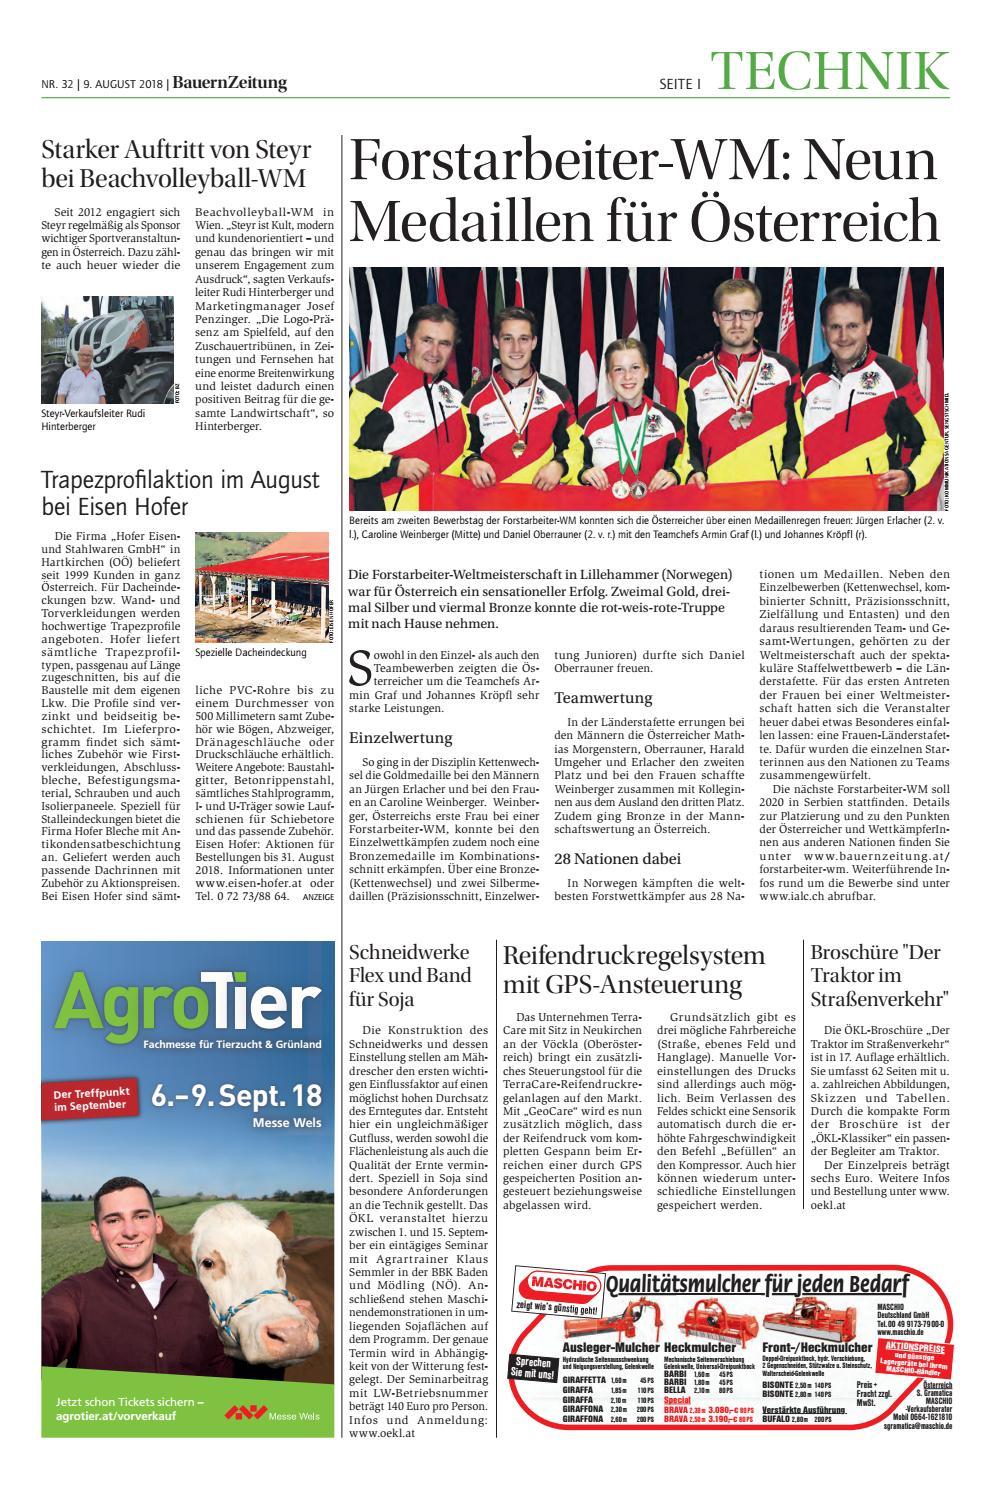 Markt hartmannsdorf partnervermittlung agentur Krumpendorf